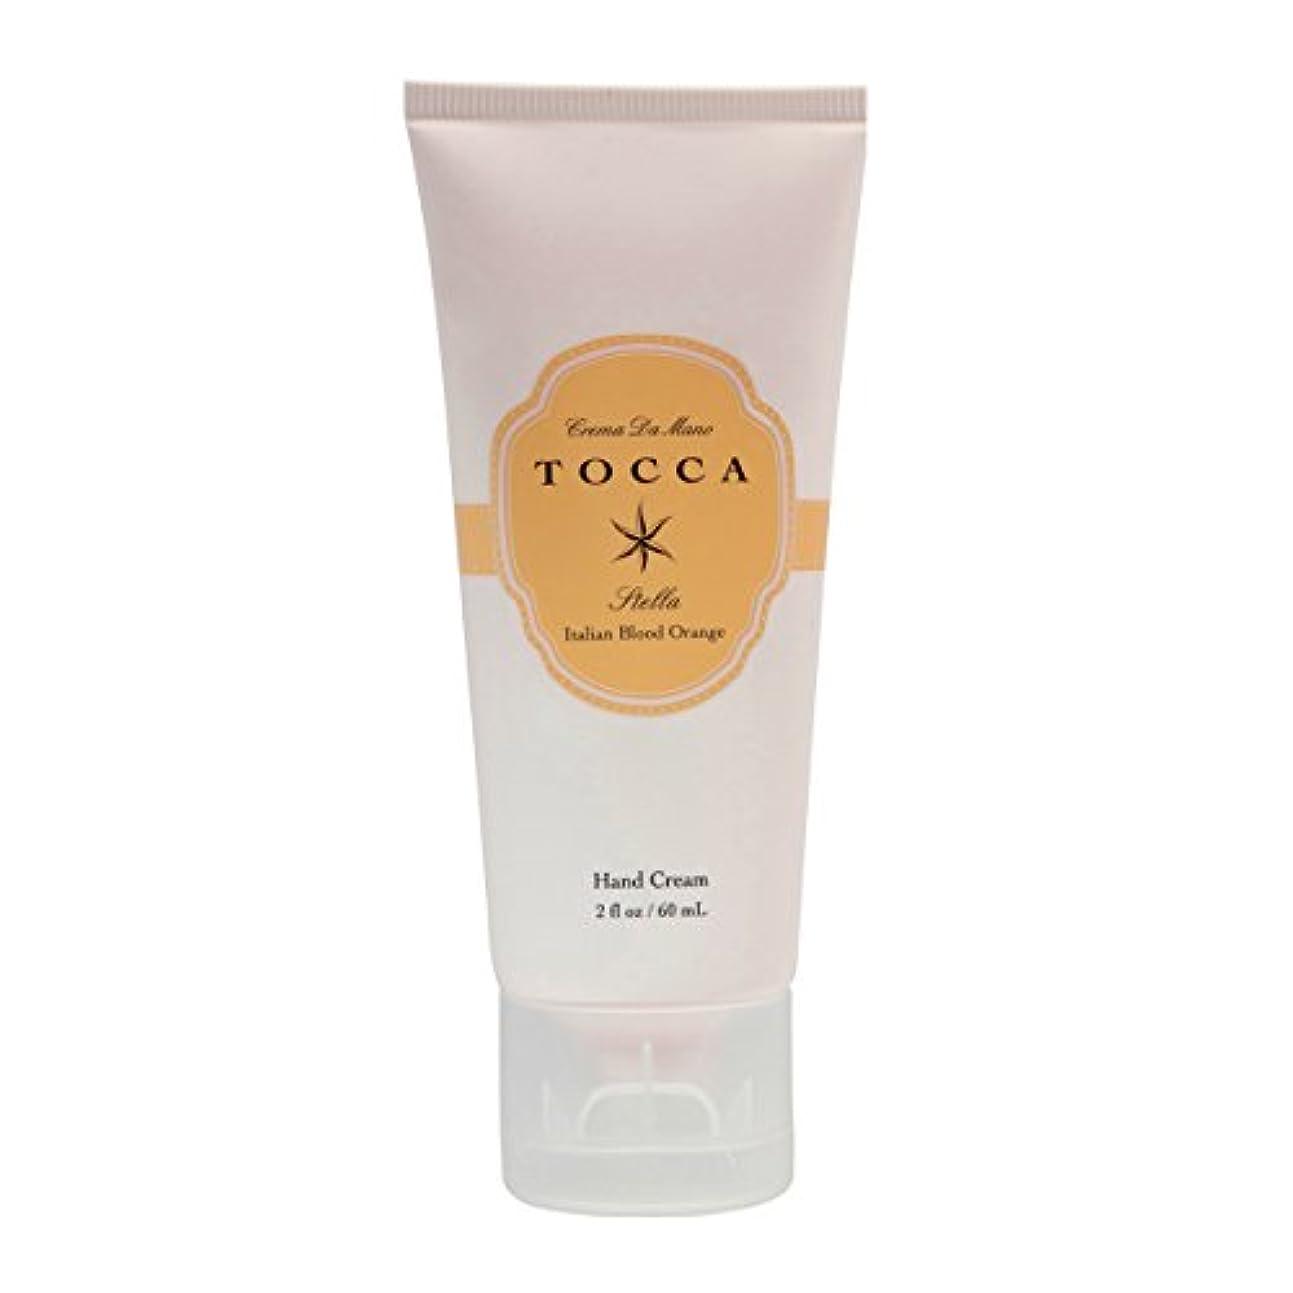 ビットブランクサリートッカ(TOCCA) ハンドクリーム  ステラの香り 60ml(手指用保湿 イタリアンブラッドオレンジが奏でるフレッシュでビターな爽やかさ漂う香り)